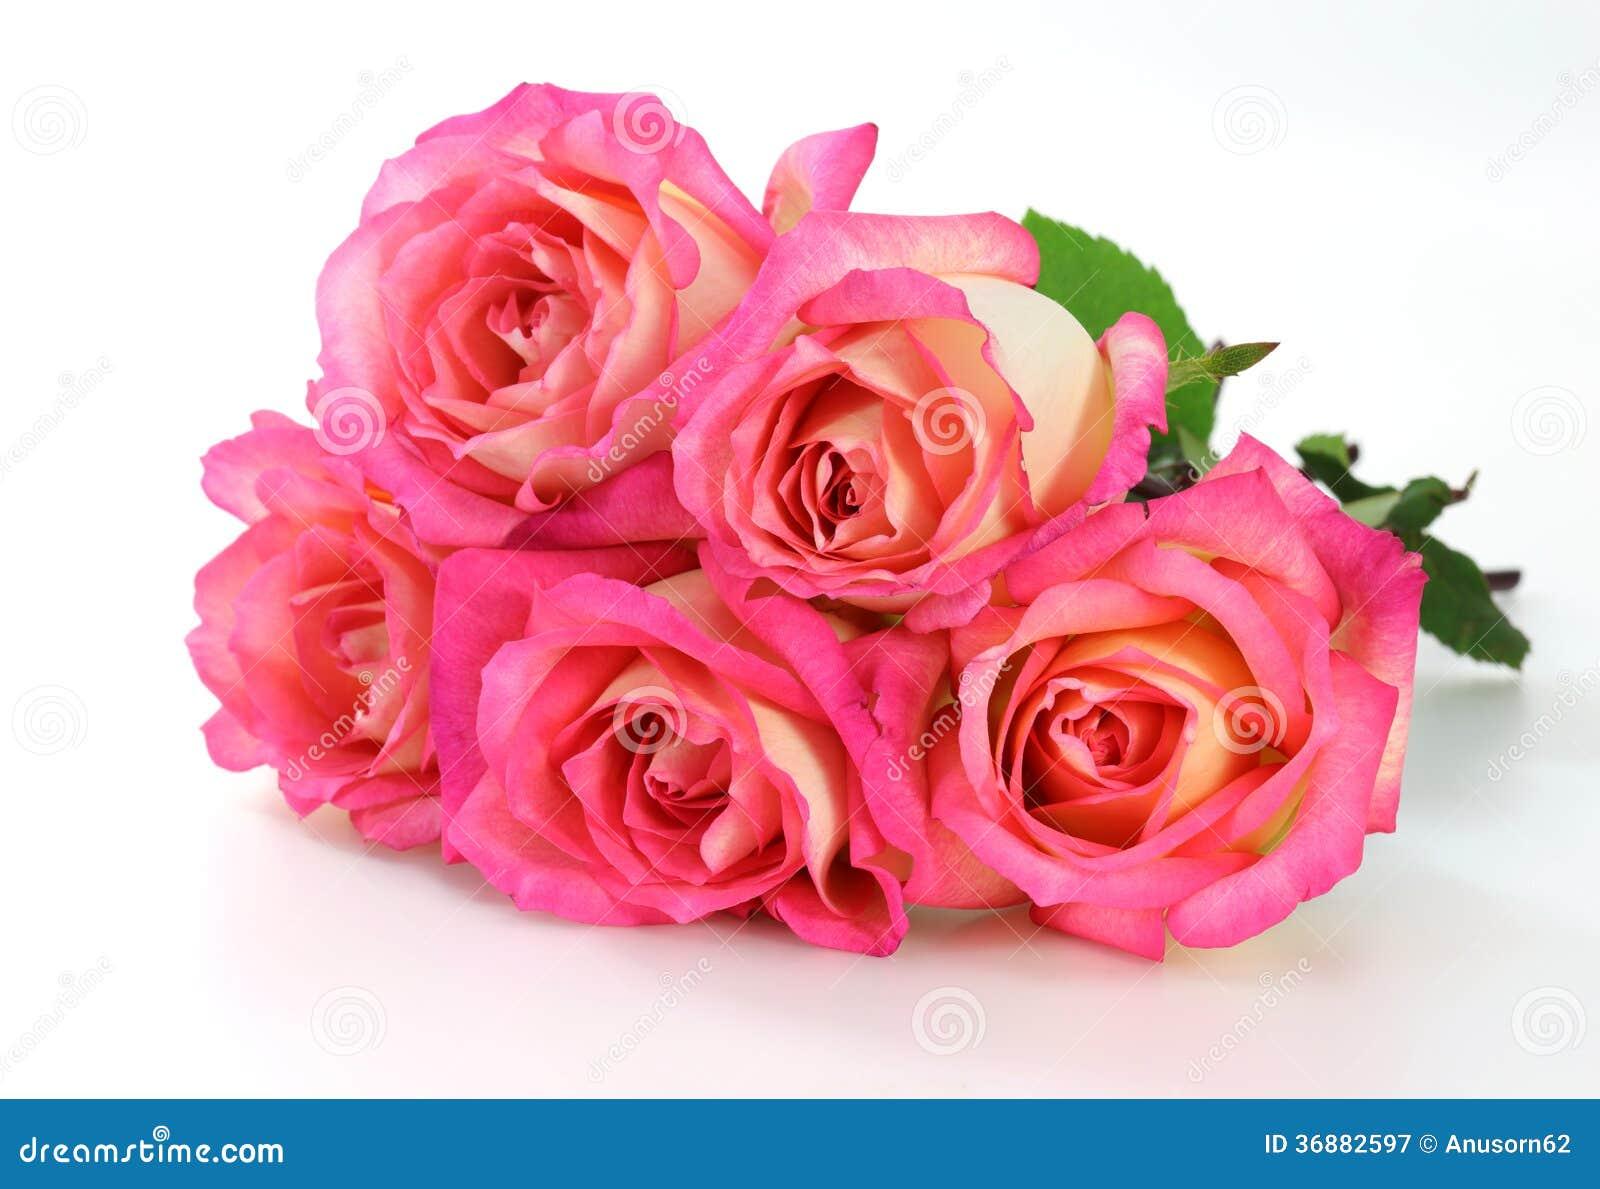 Download Rosa di rosa immagine stock. Immagine di saluto, sensibilità - 36882597